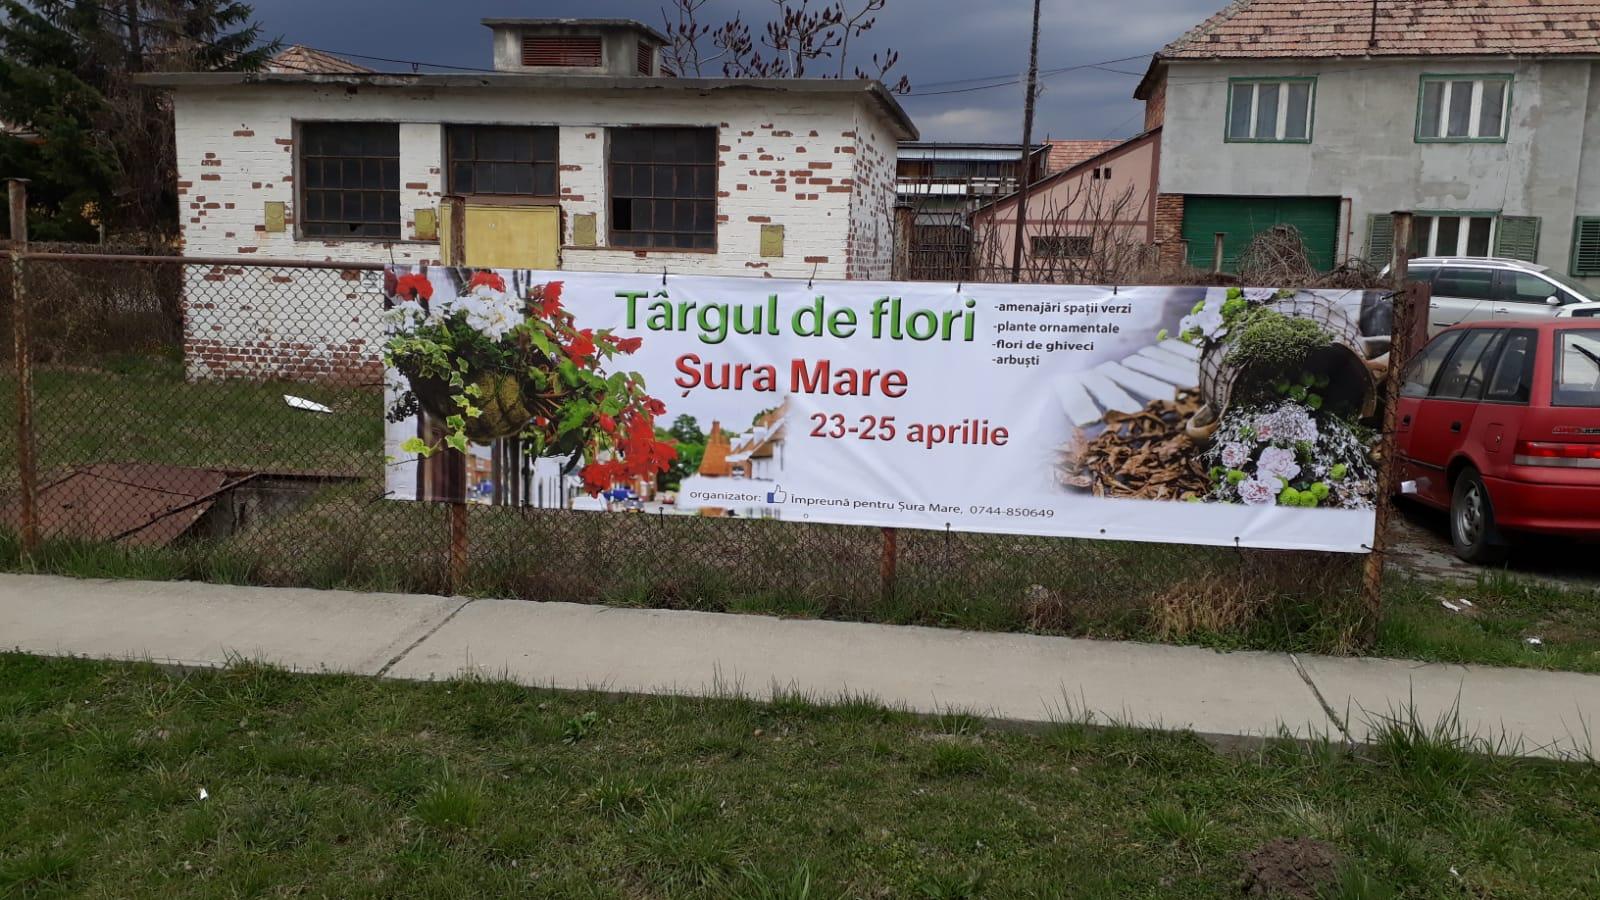 Târg de flori la Șura Mare în luna aprilie. Accesul vizitatorilor este gratuit